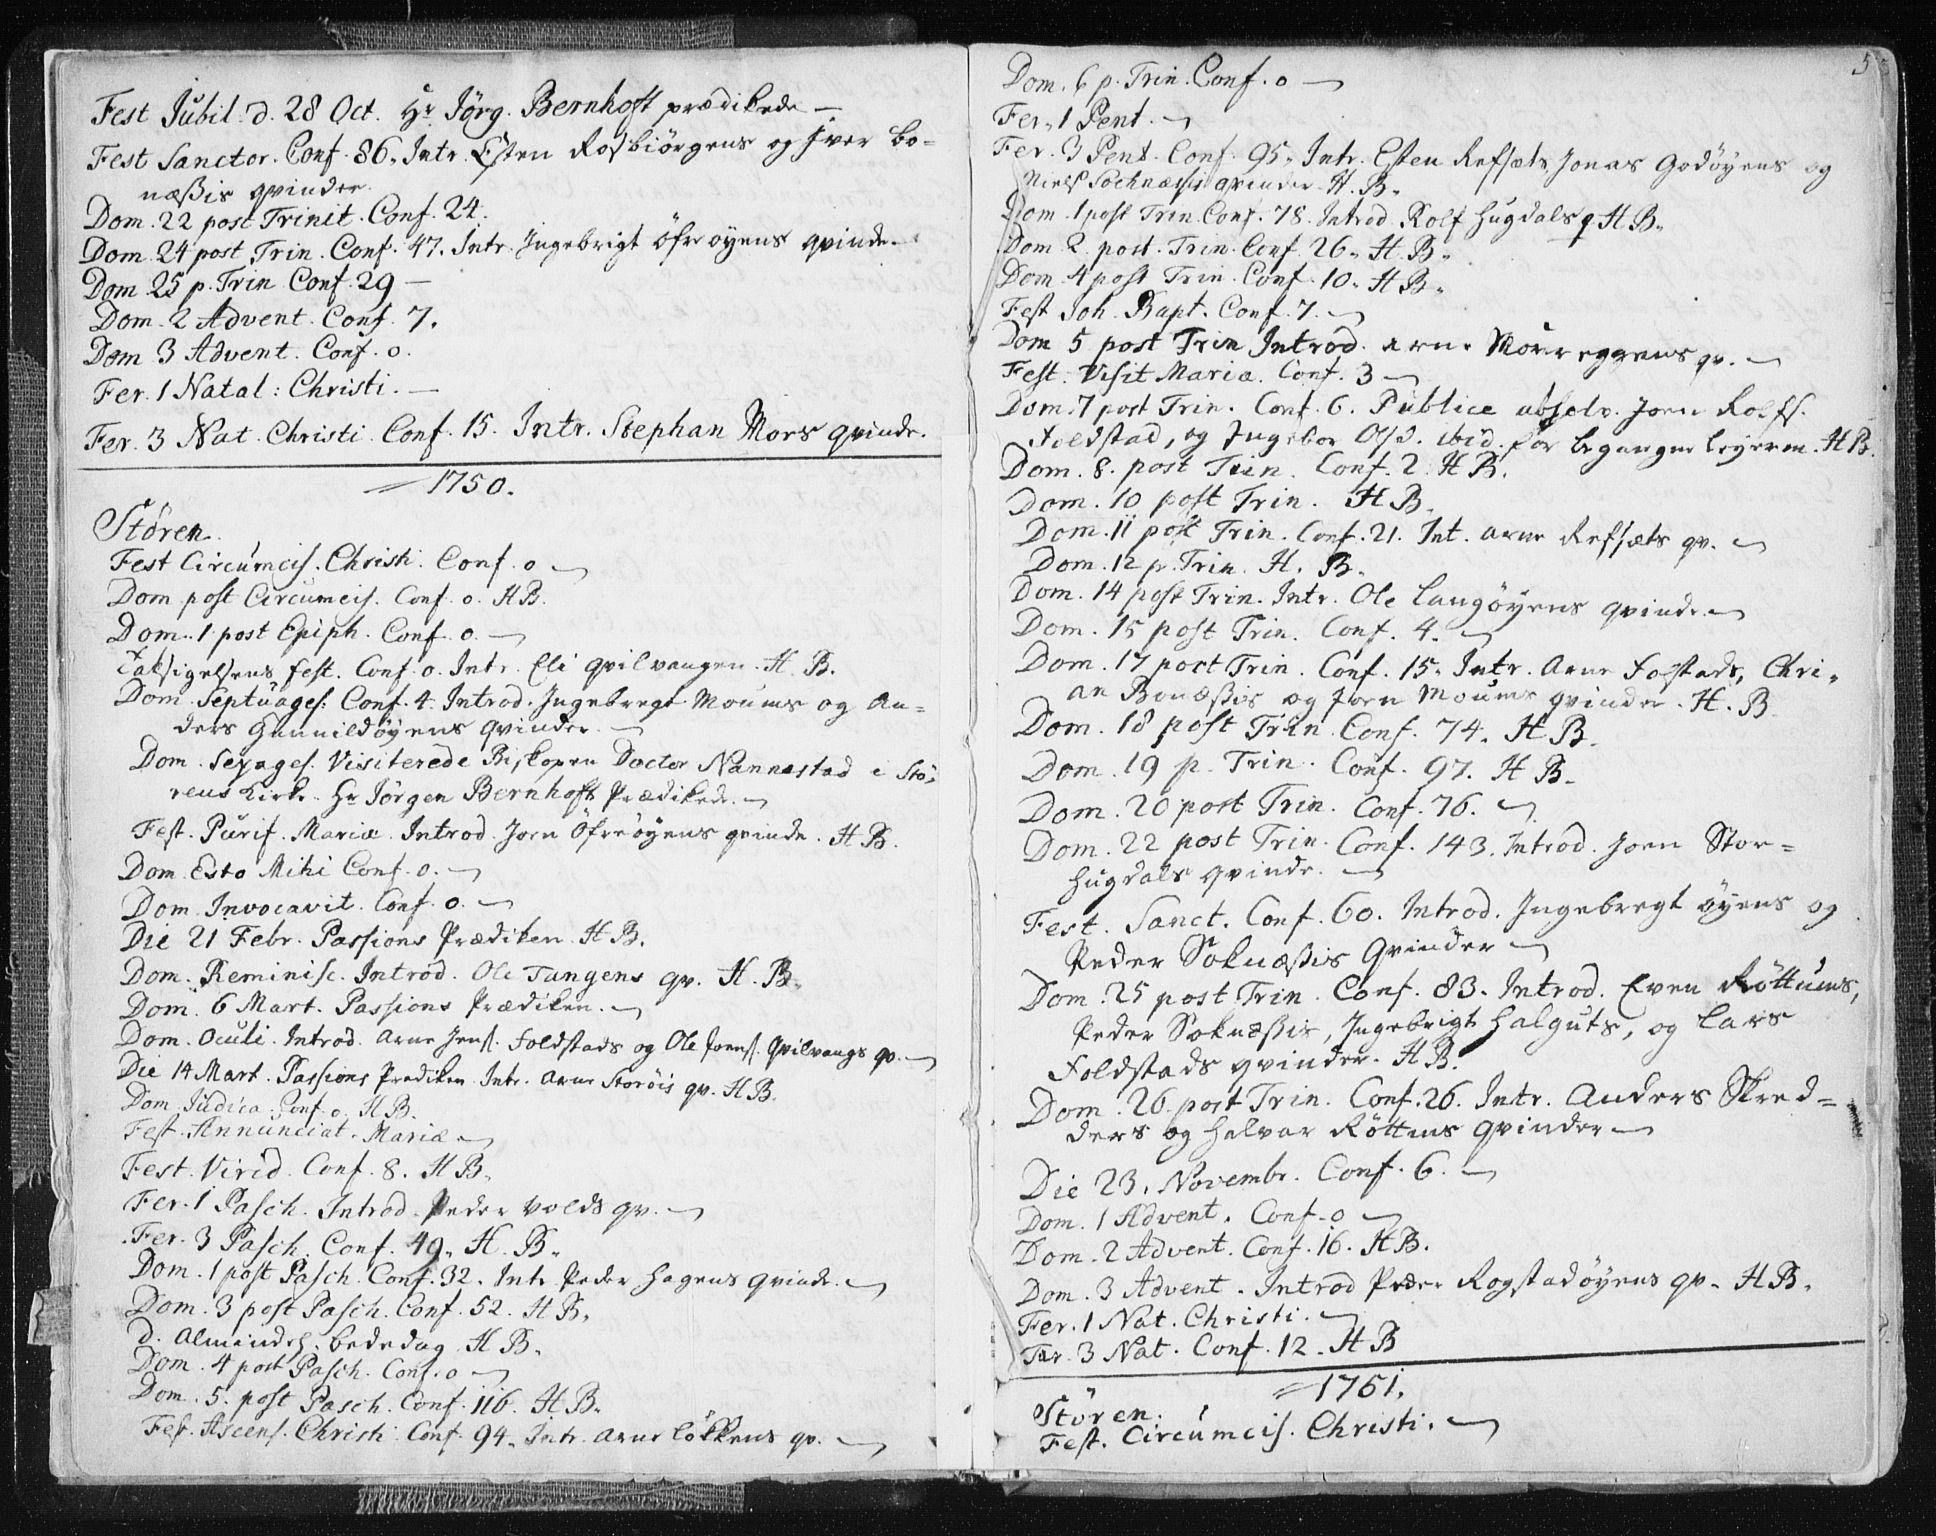 SAT, Ministerialprotokoller, klokkerbøker og fødselsregistre - Sør-Trøndelag, 687/L0991: Ministerialbok nr. 687A02, 1747-1790, s. 5